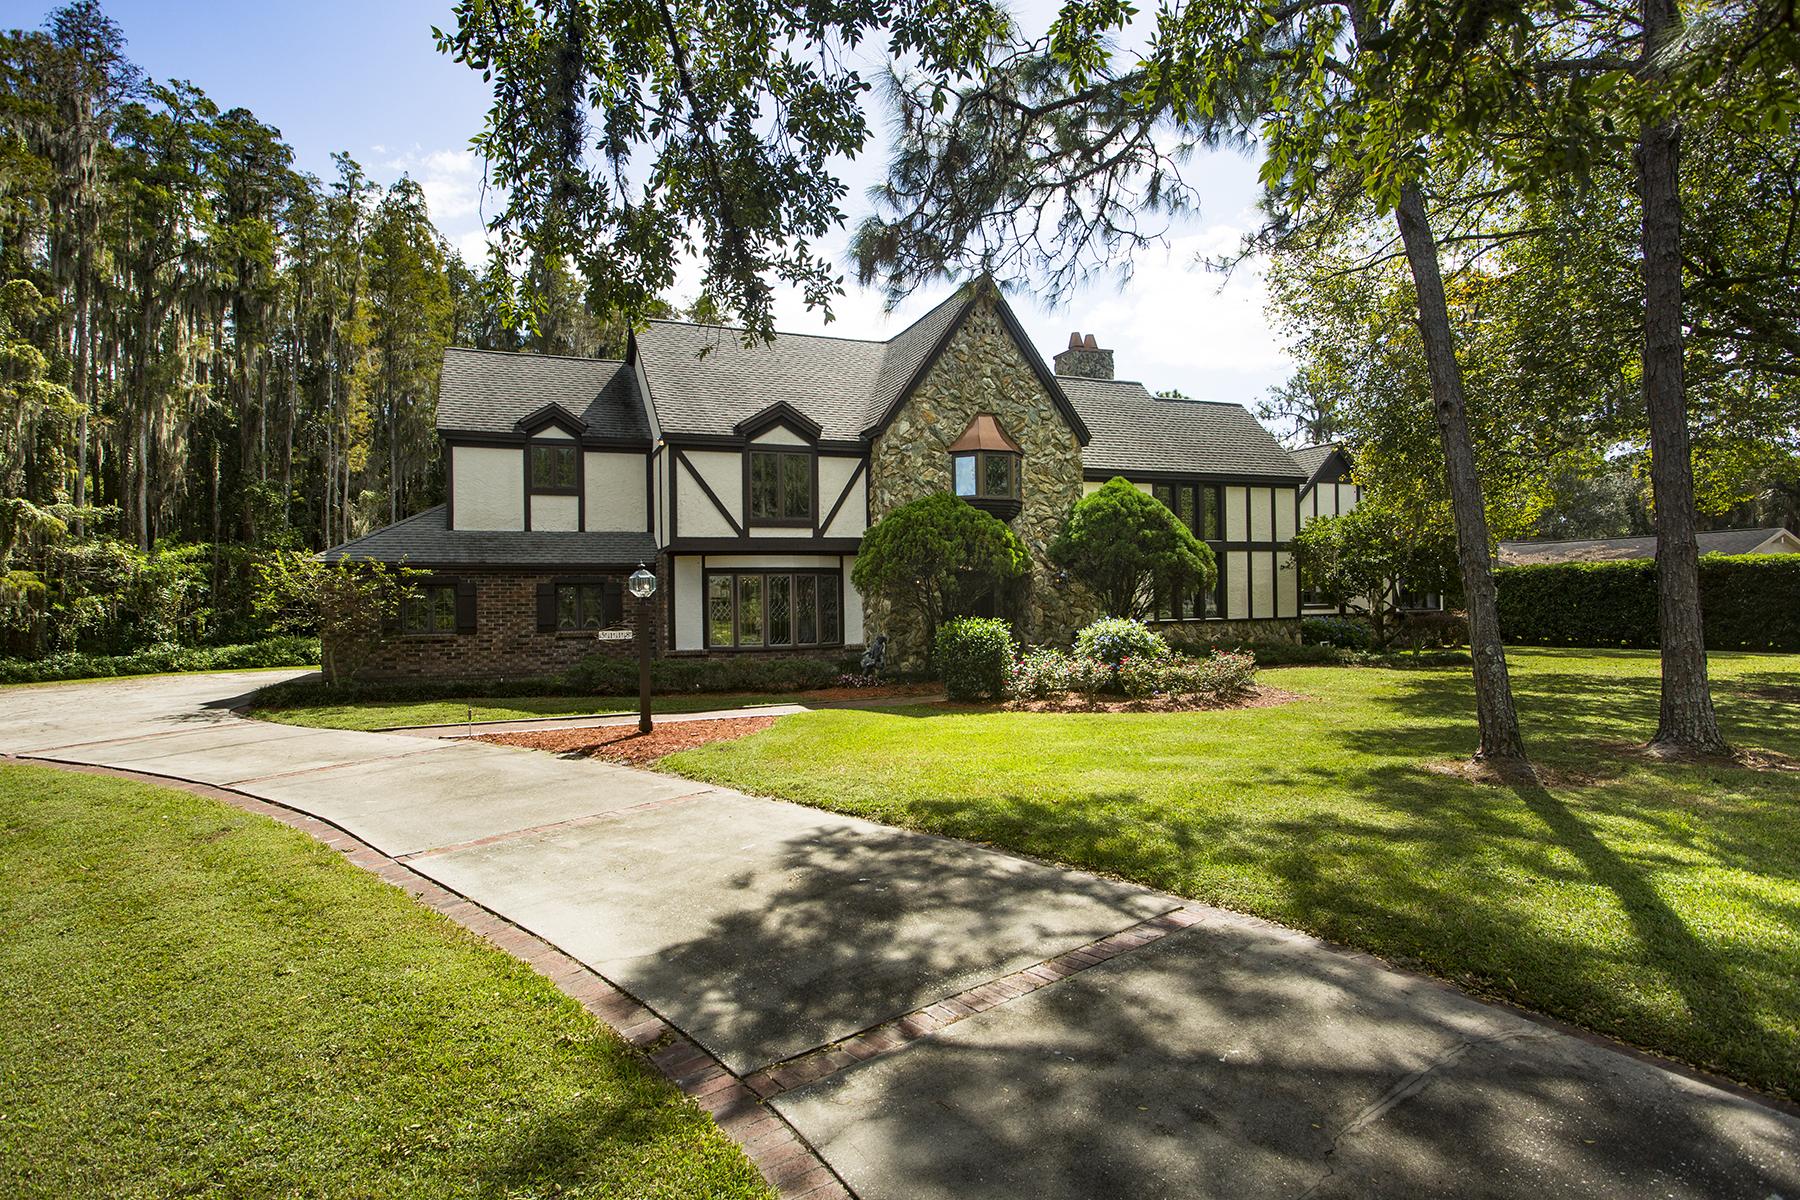 獨棟家庭住宅 為 出售 在 WESLEY CHAPEL 5118 Fox Hunt Dr Wesley Chapel, 佛羅里達州 33543 美國